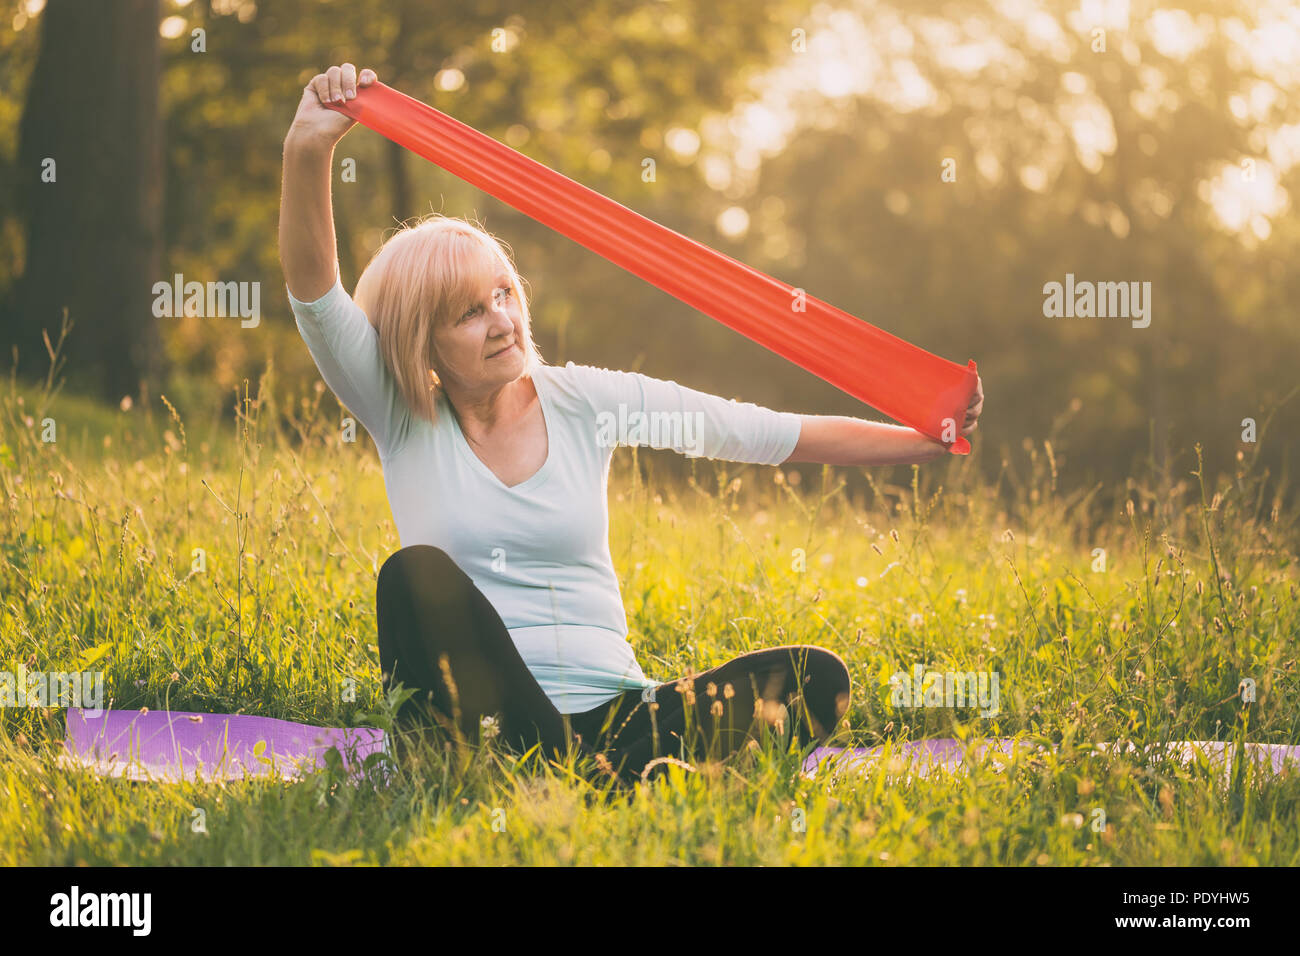 Sportivo da donna senior esercitando con fascia di gomma all'aperto.Immagine è intenzionalmente tonica. Immagini Stock